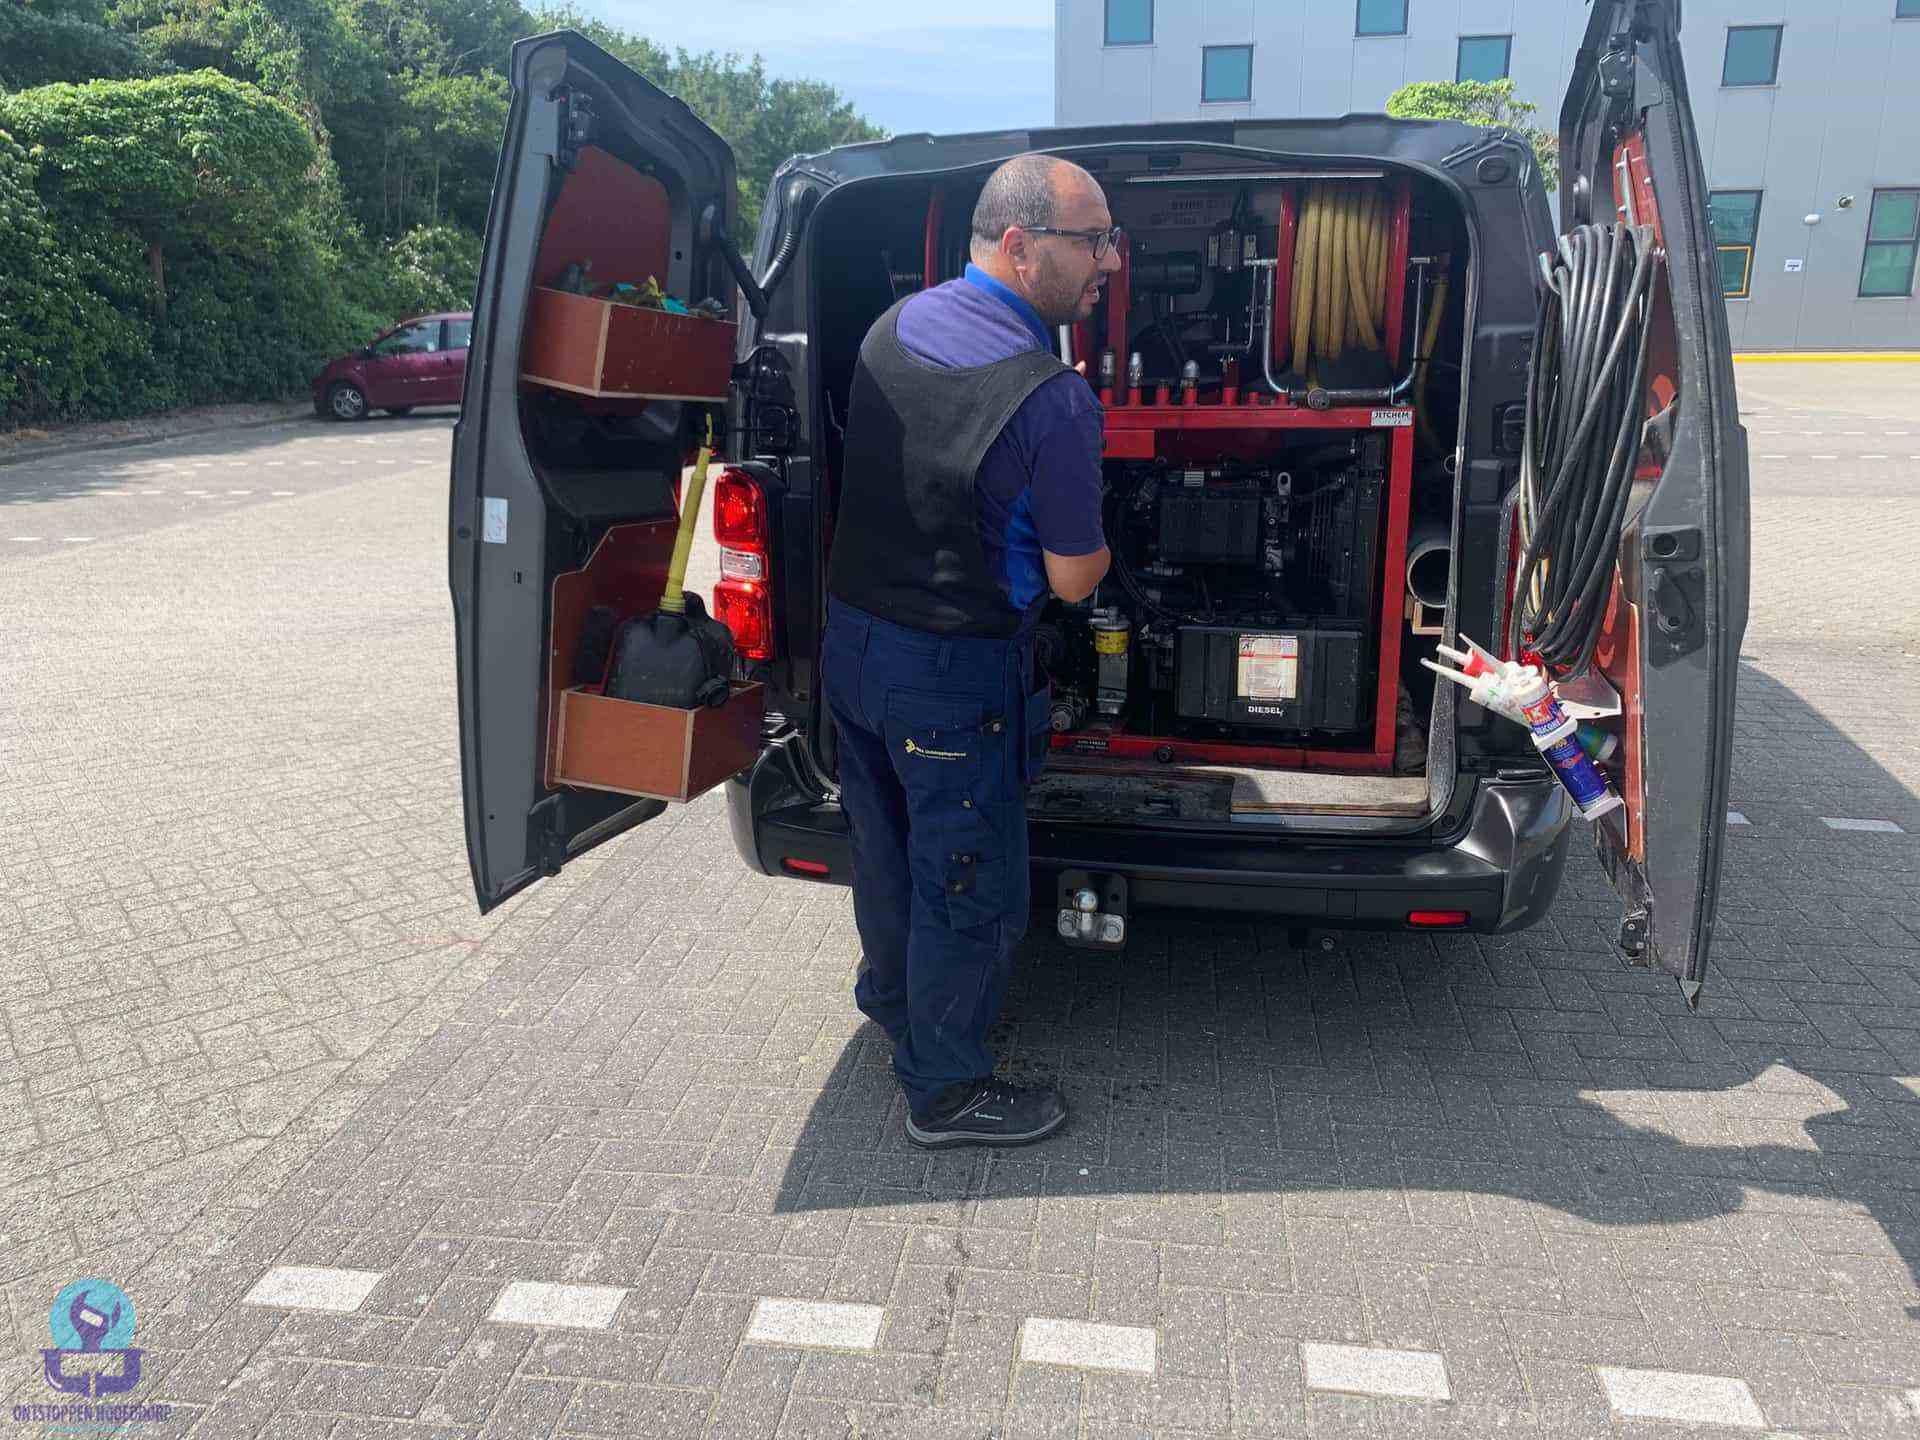 Loodgieter Hoofddorp Ontstopping